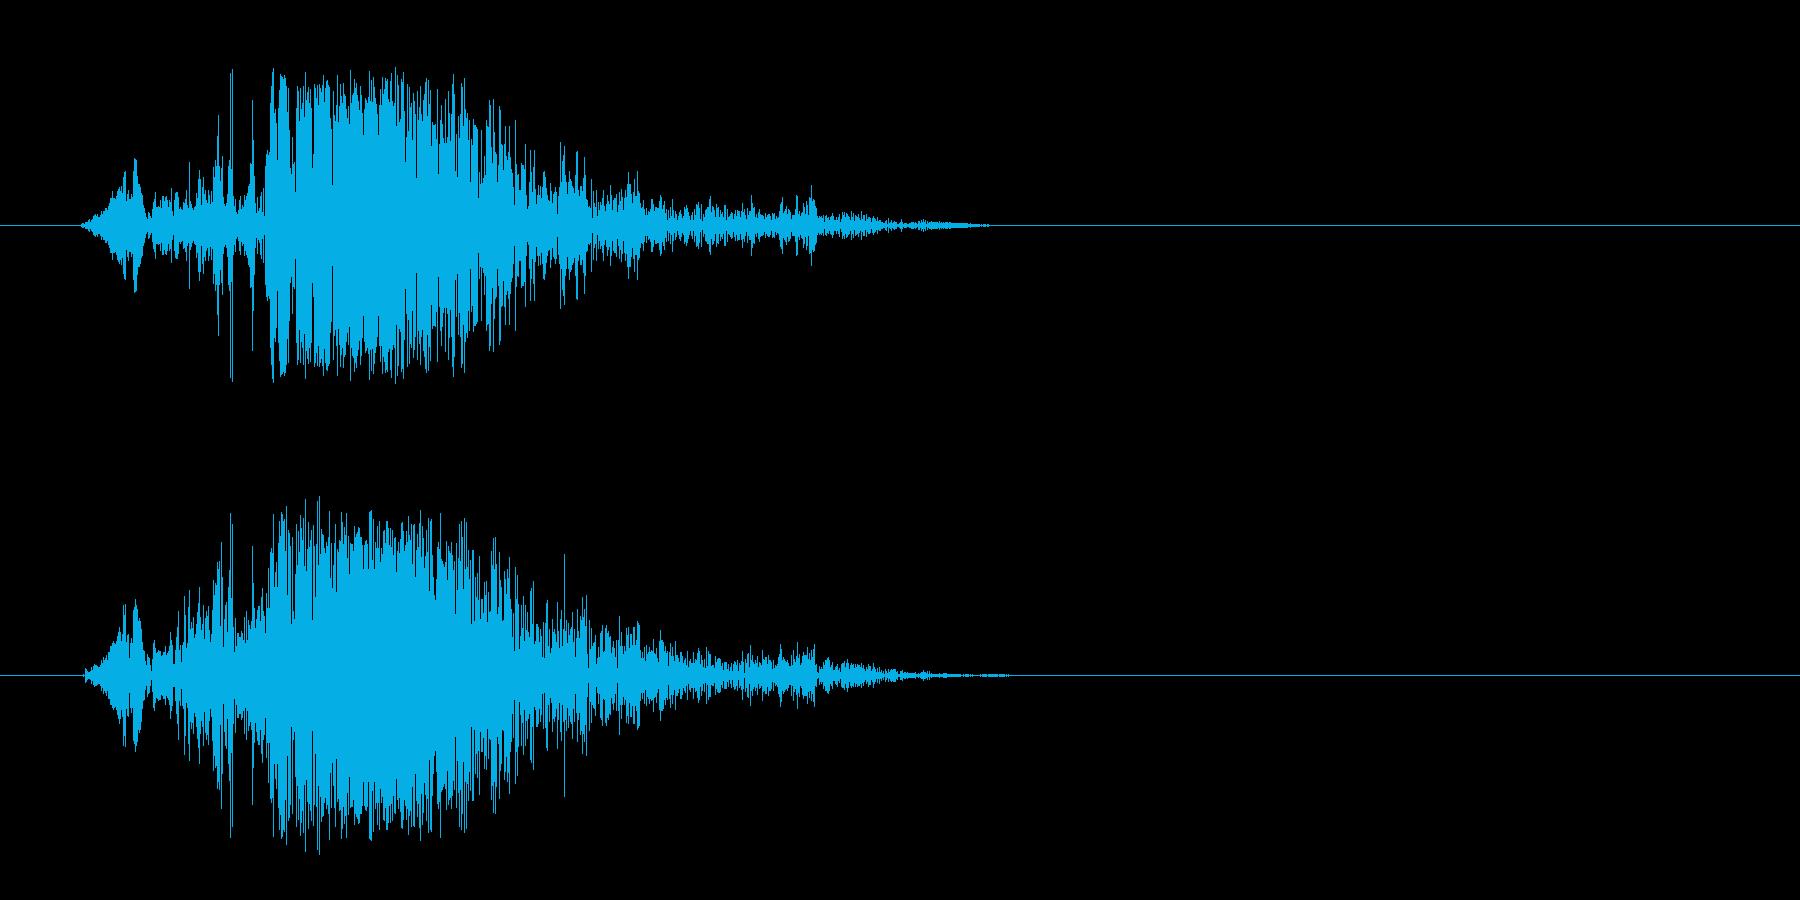 プシュという勢いのよいエアー音の再生済みの波形